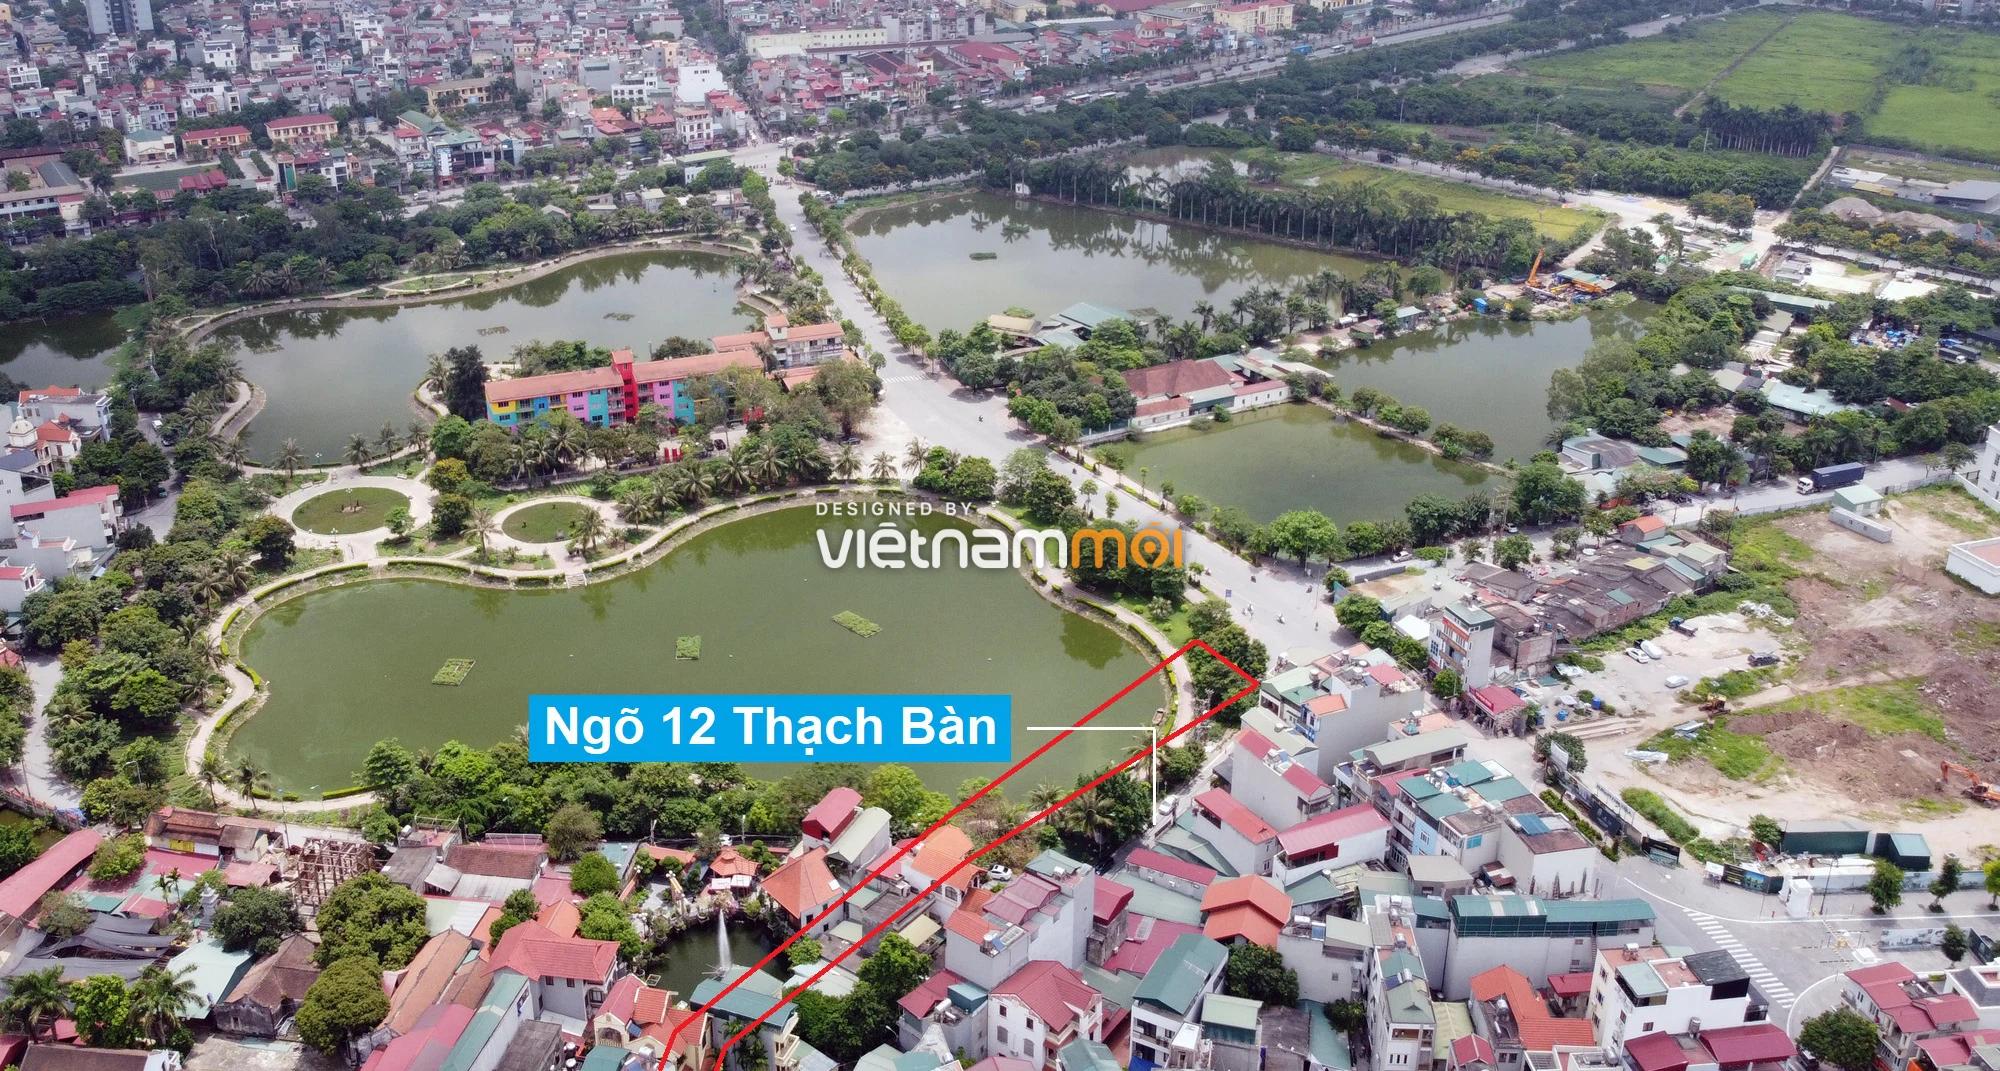 Những khu đất sắp thu hồi để mở đường ở phường Thạch Bàn, Long Biên, Hà Nội (phần 2) - Ảnh 6.